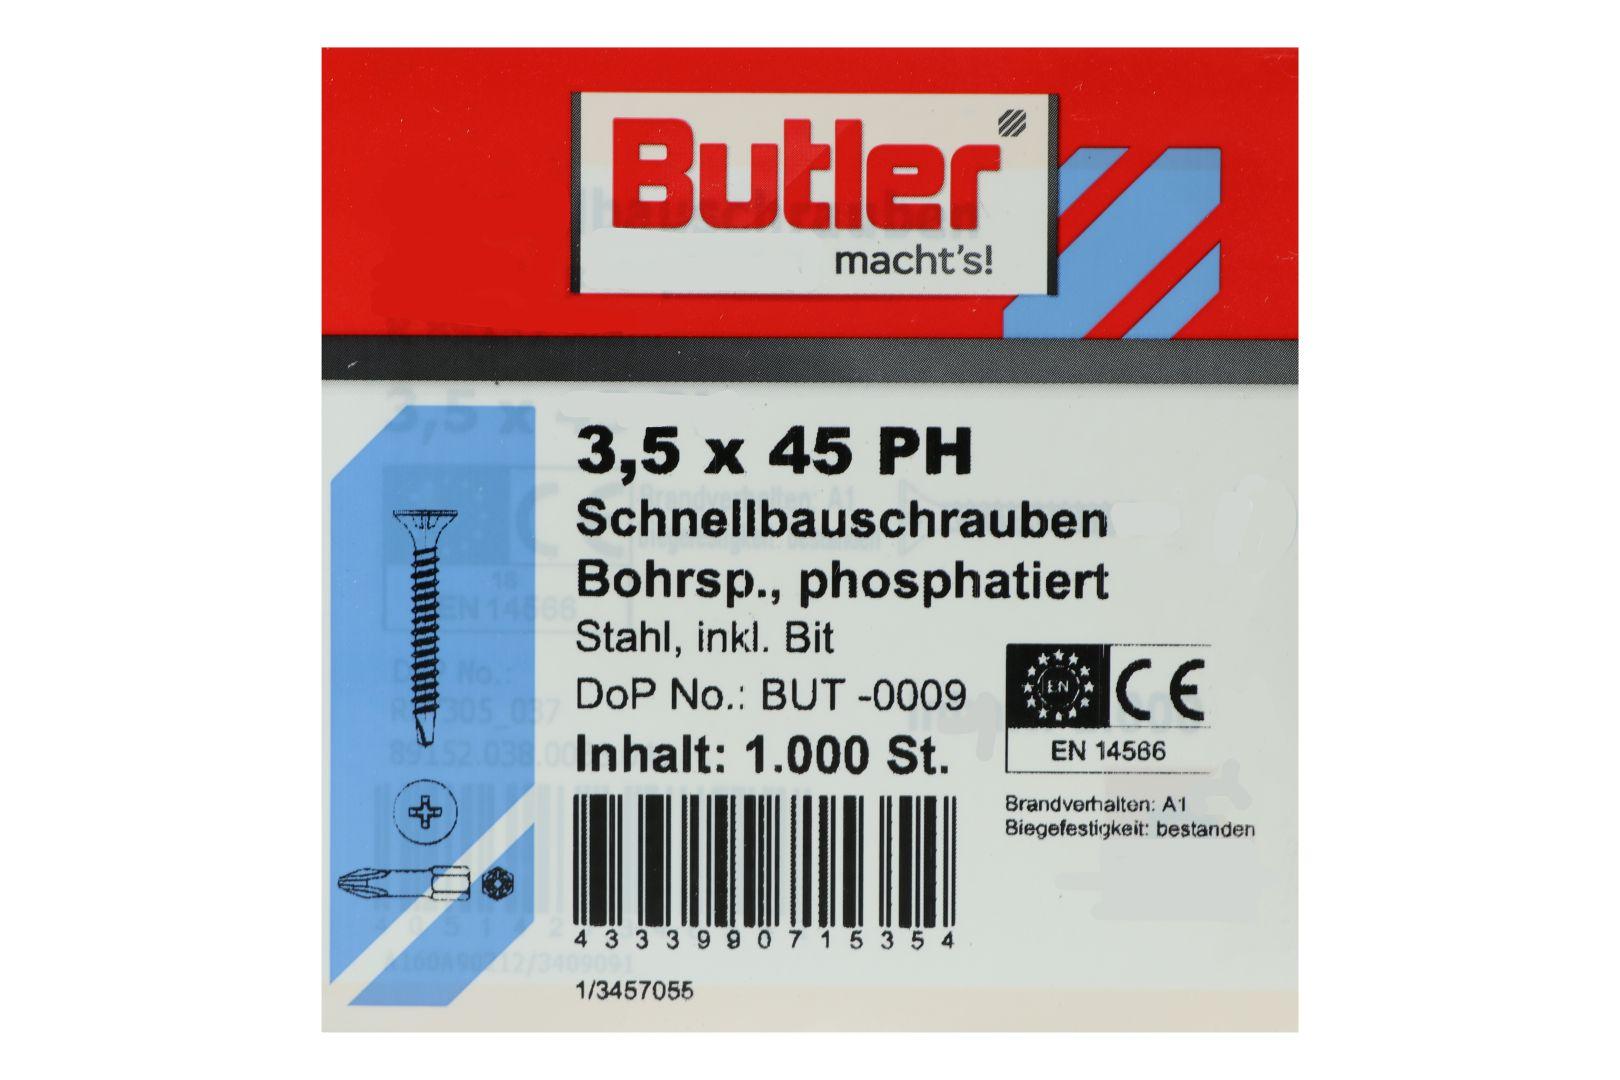 Butler macht's! Schnellbauschrauben inkl. Bit für Gipsplatten auf Metall 0,6 bis 2 mm, Bohrspitze, Feingewinde, PH2, 3,5 x 45 mm, 1.000 Stück